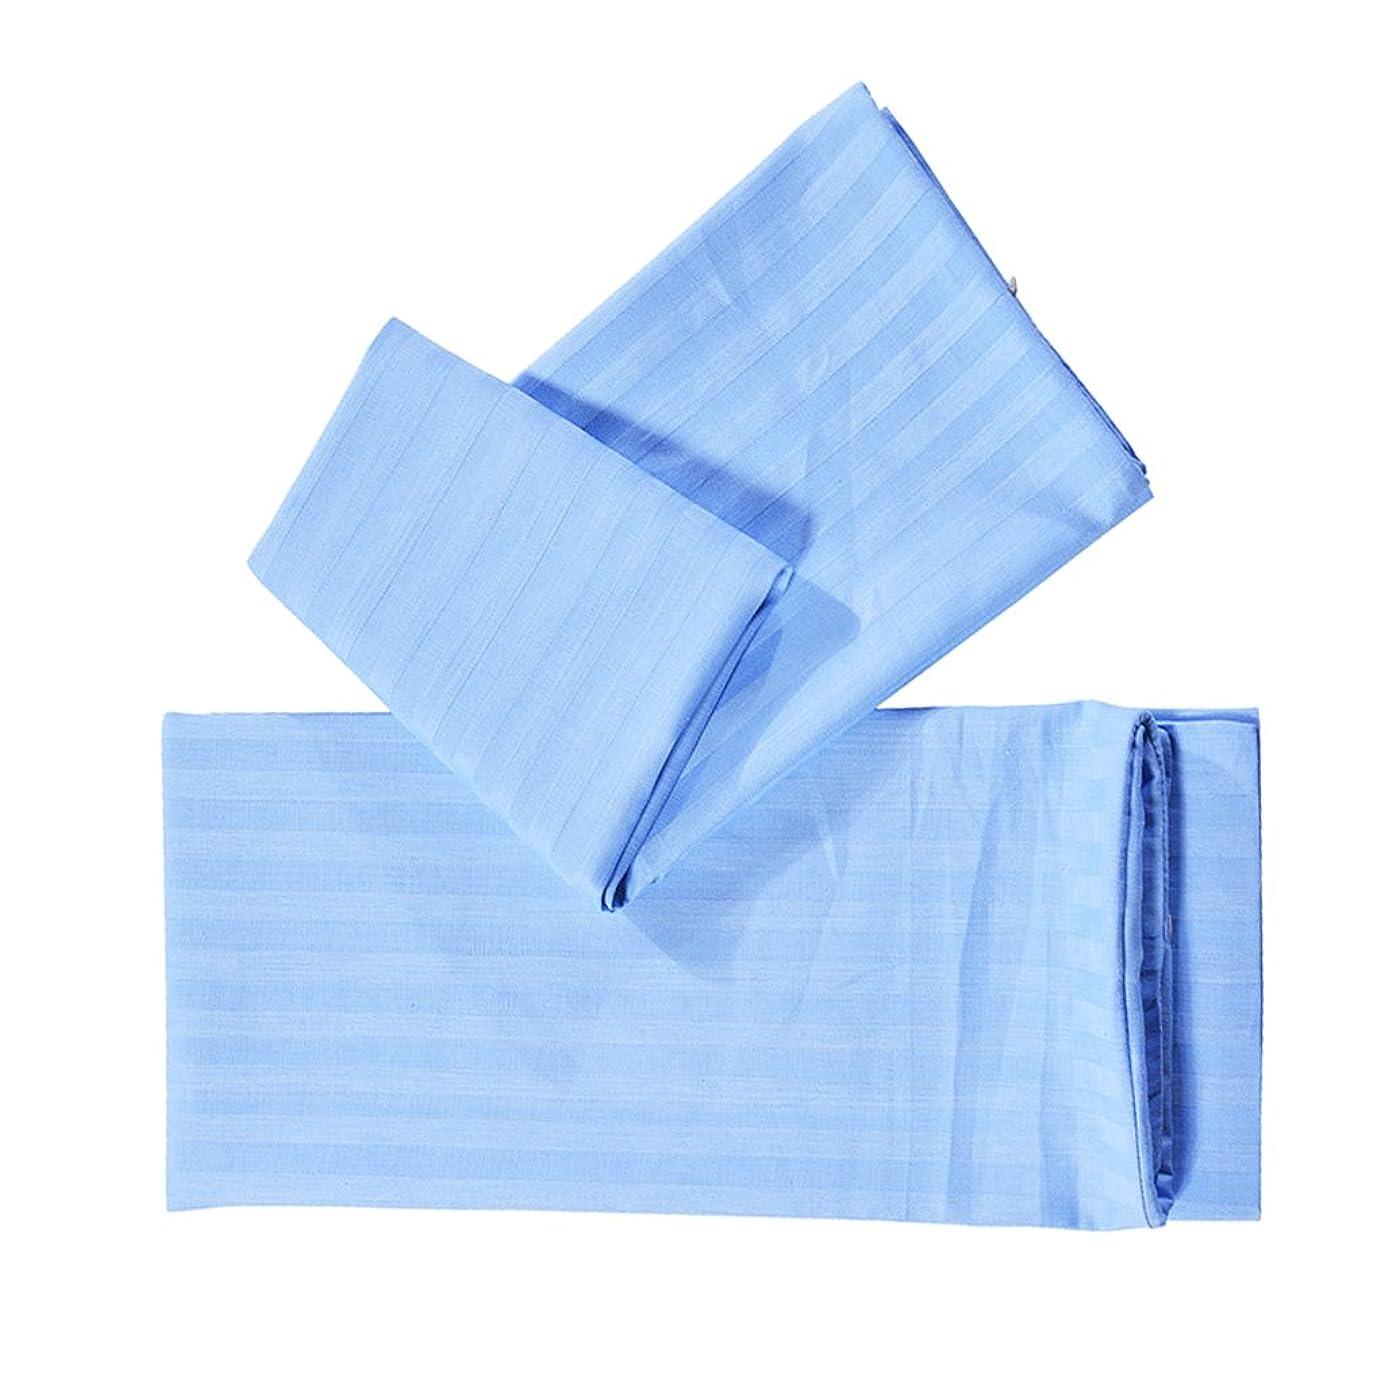 類推バーゲン十分にSM SunniMix 枕カバー 純粋な色 ソフト ピローカバー ピローケース 1ペア 4色3サイズ選択可能  - ブルー, S